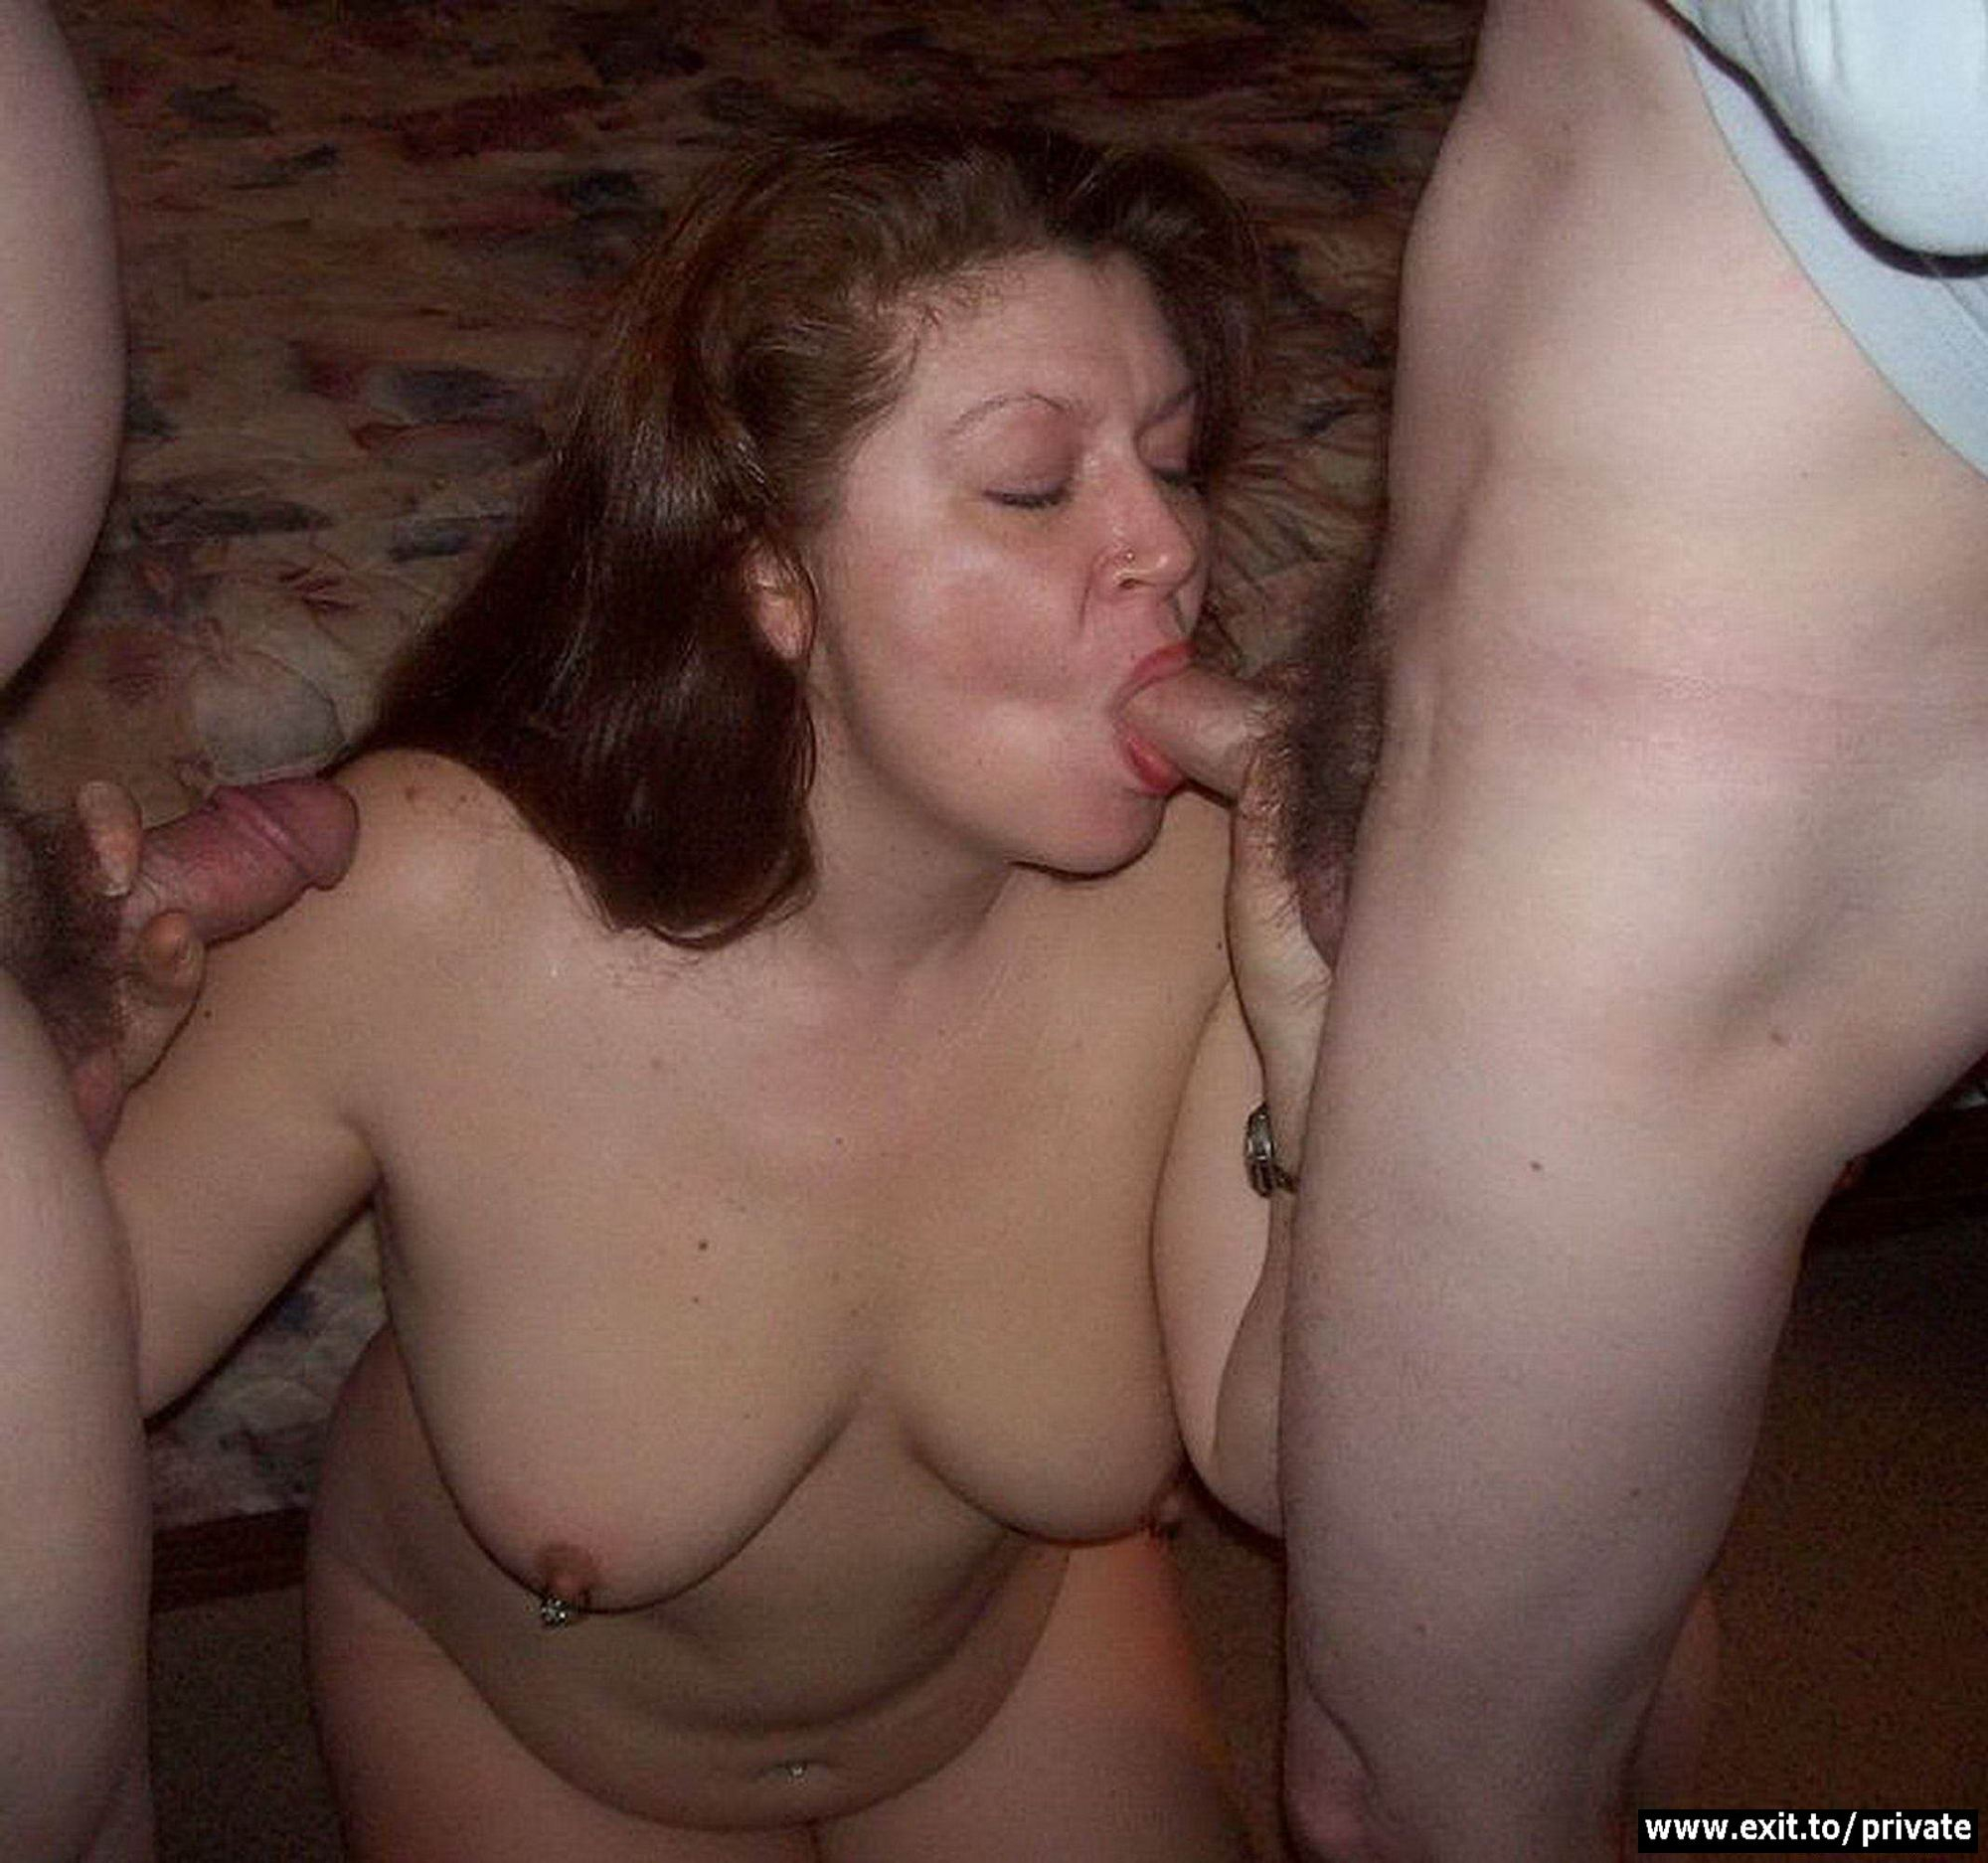 Смотреть порно онлайн кончают в рот не вынимая подборка 20 фотография